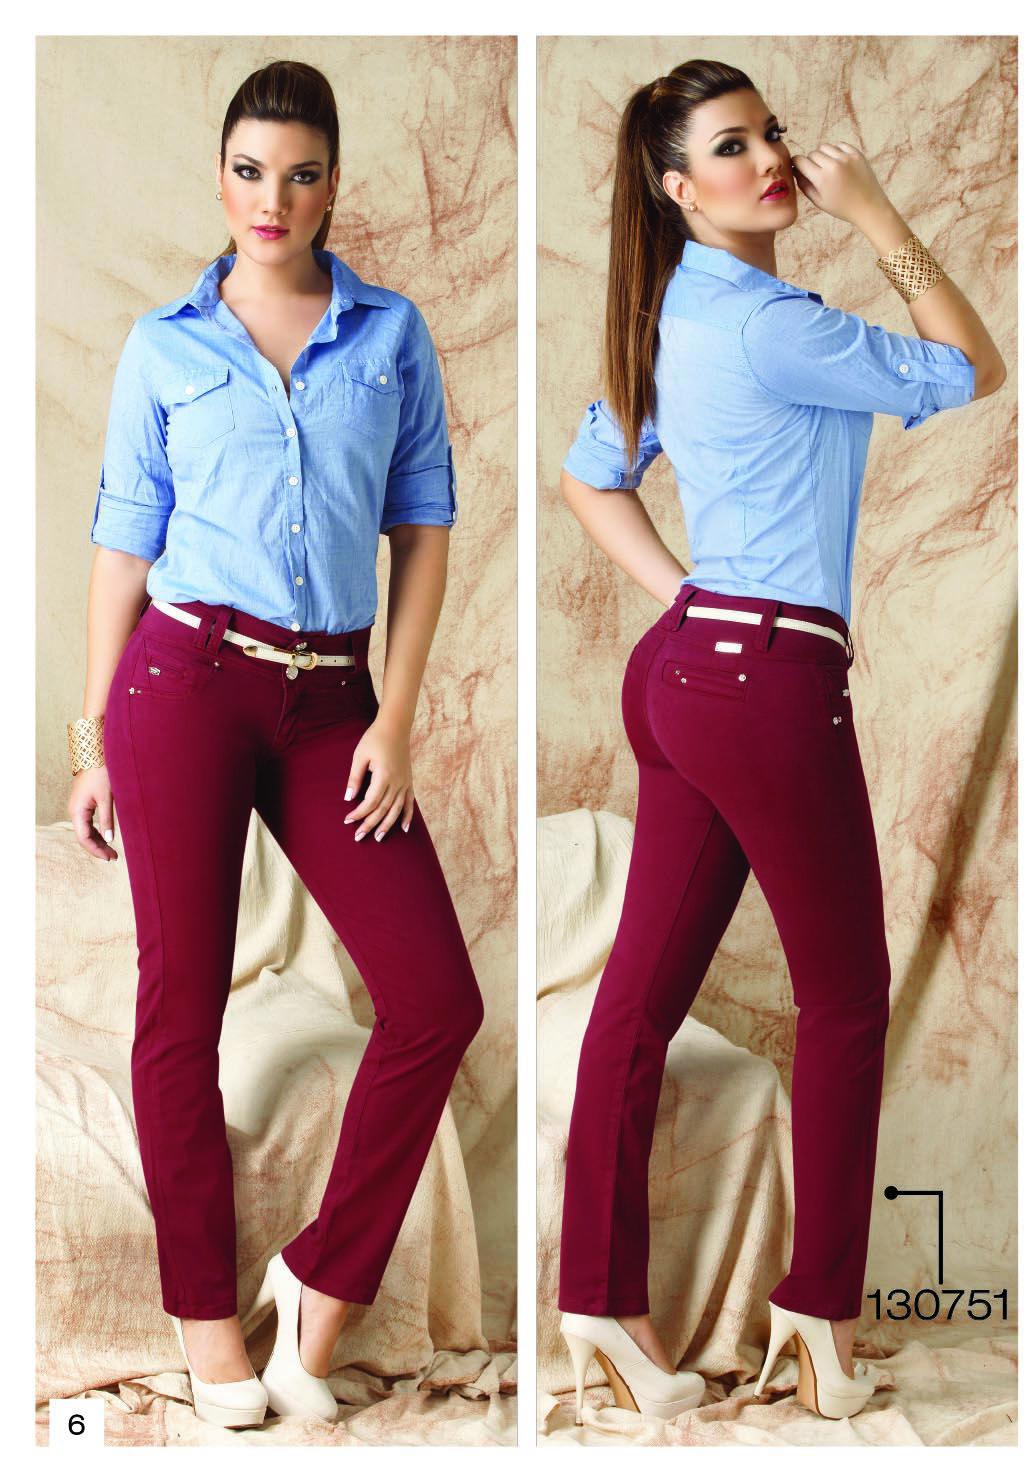 ec330e388f pantalon-de-drill-bota-tubo-color-vinotinto